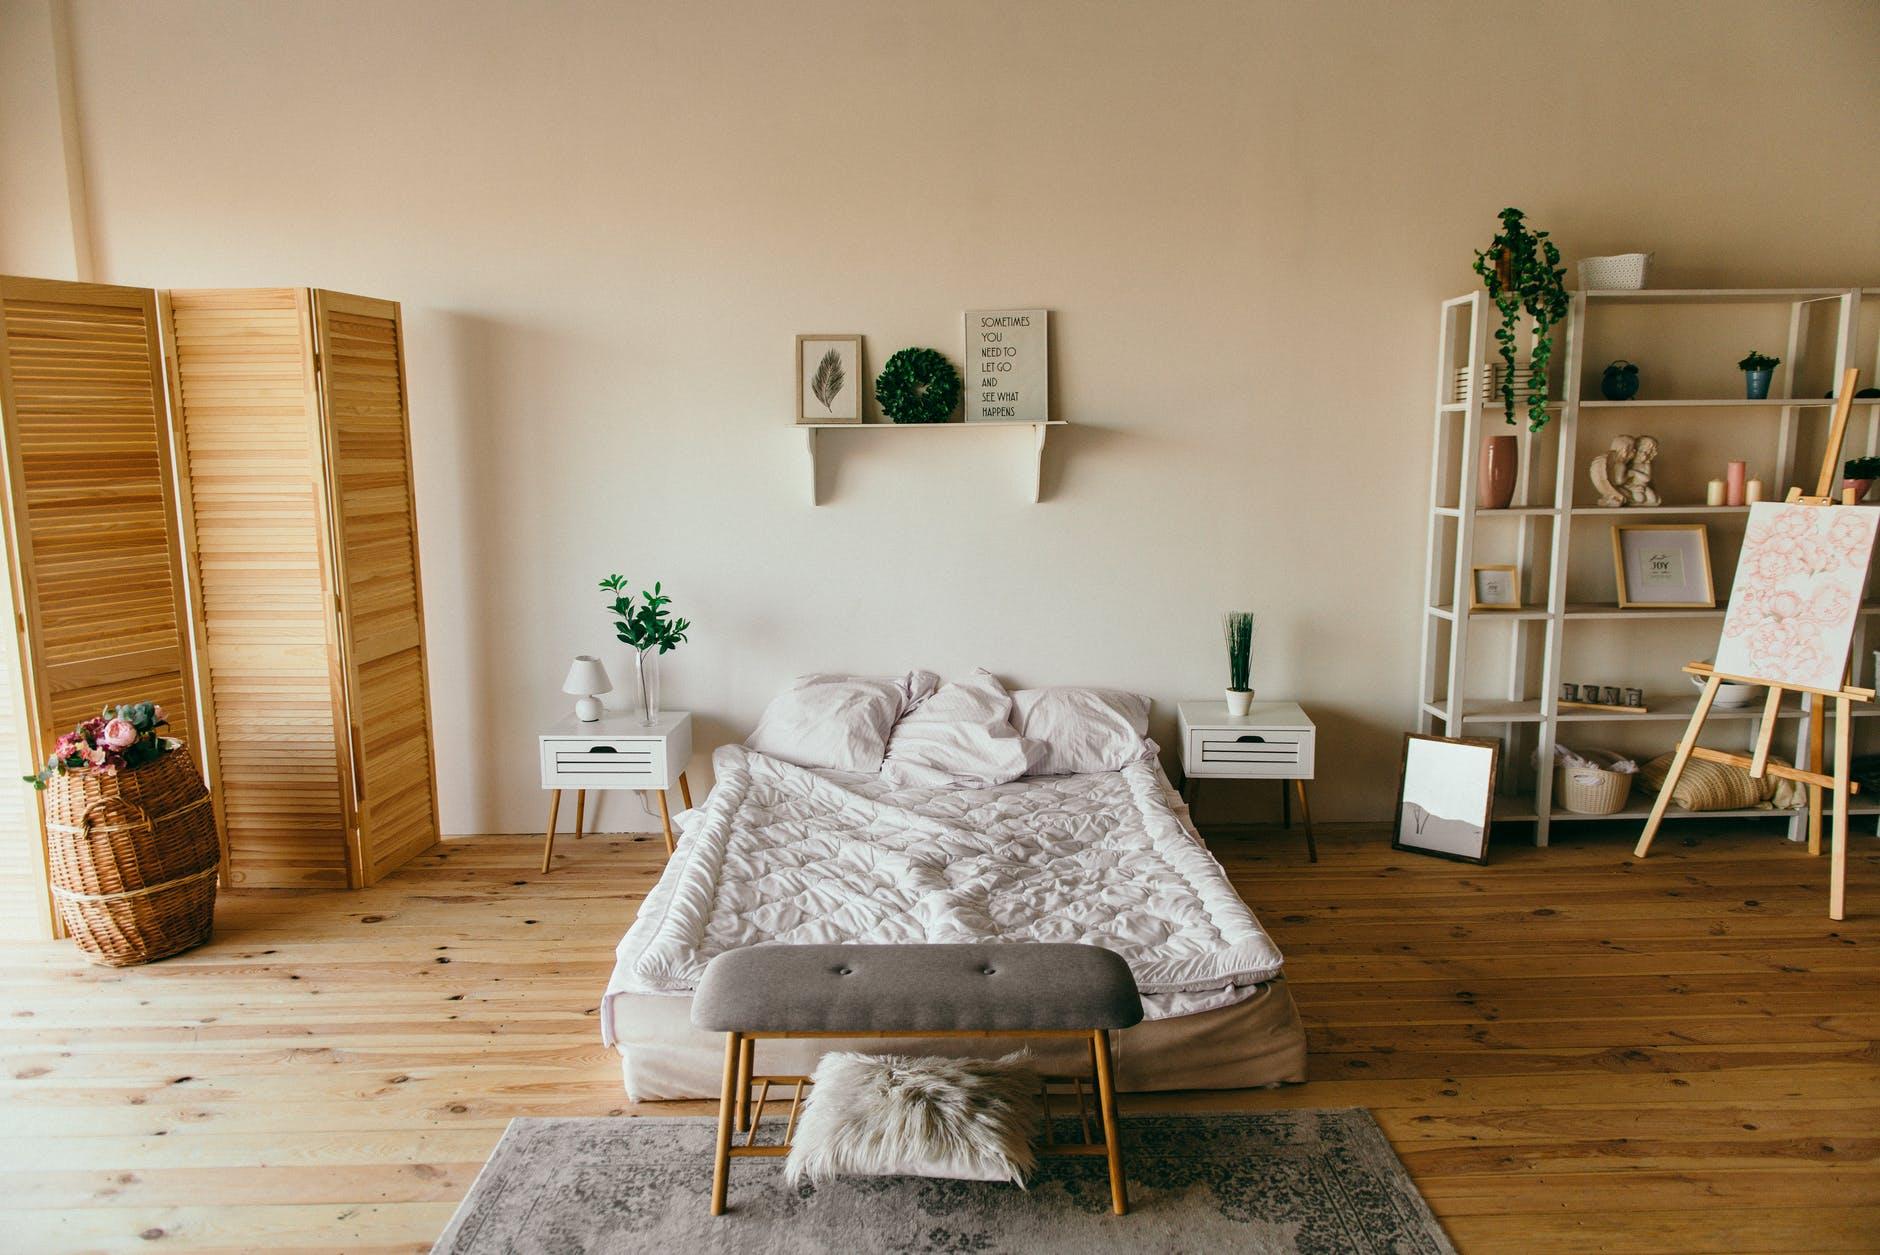 Odpowiedni dobór mebli to klucz do sukcesu przy urządzaniu małej sypialni